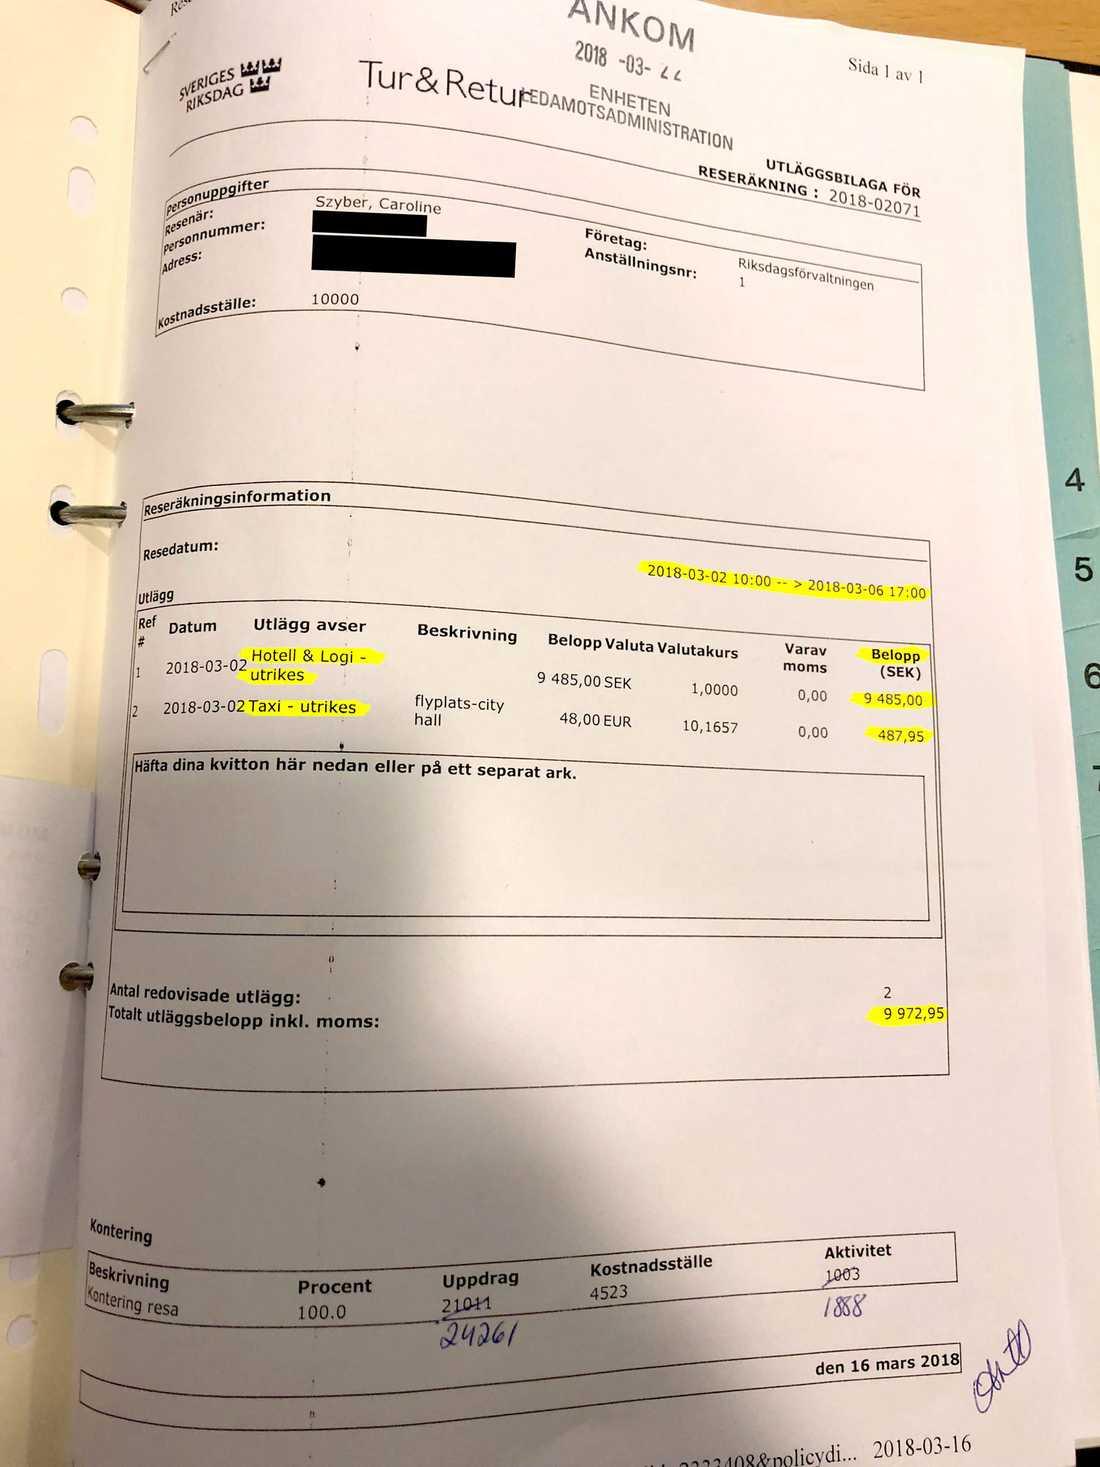 Skattebetalarna fick stå för familjens hotellkostnad i Rom på totalt närmare 10000 kronor.